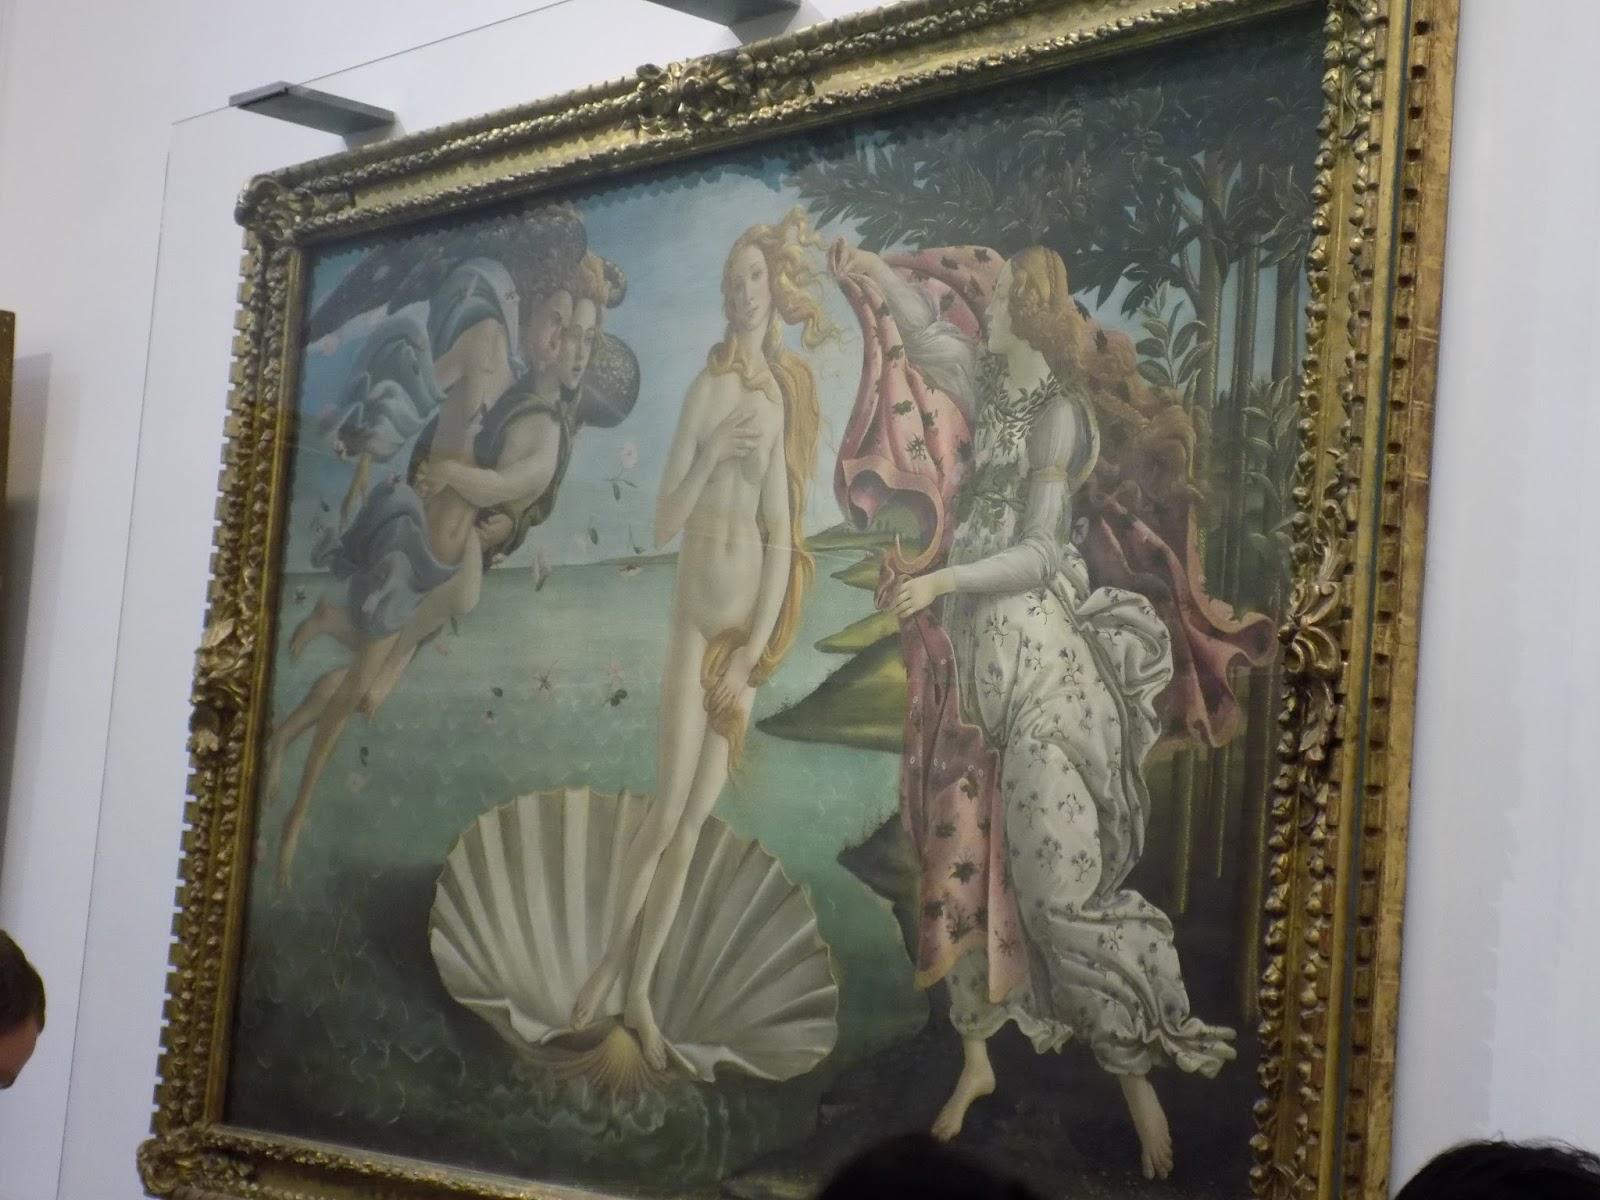 Siris: A Quick Trip to Italy, Miscellanea - 270.5KB